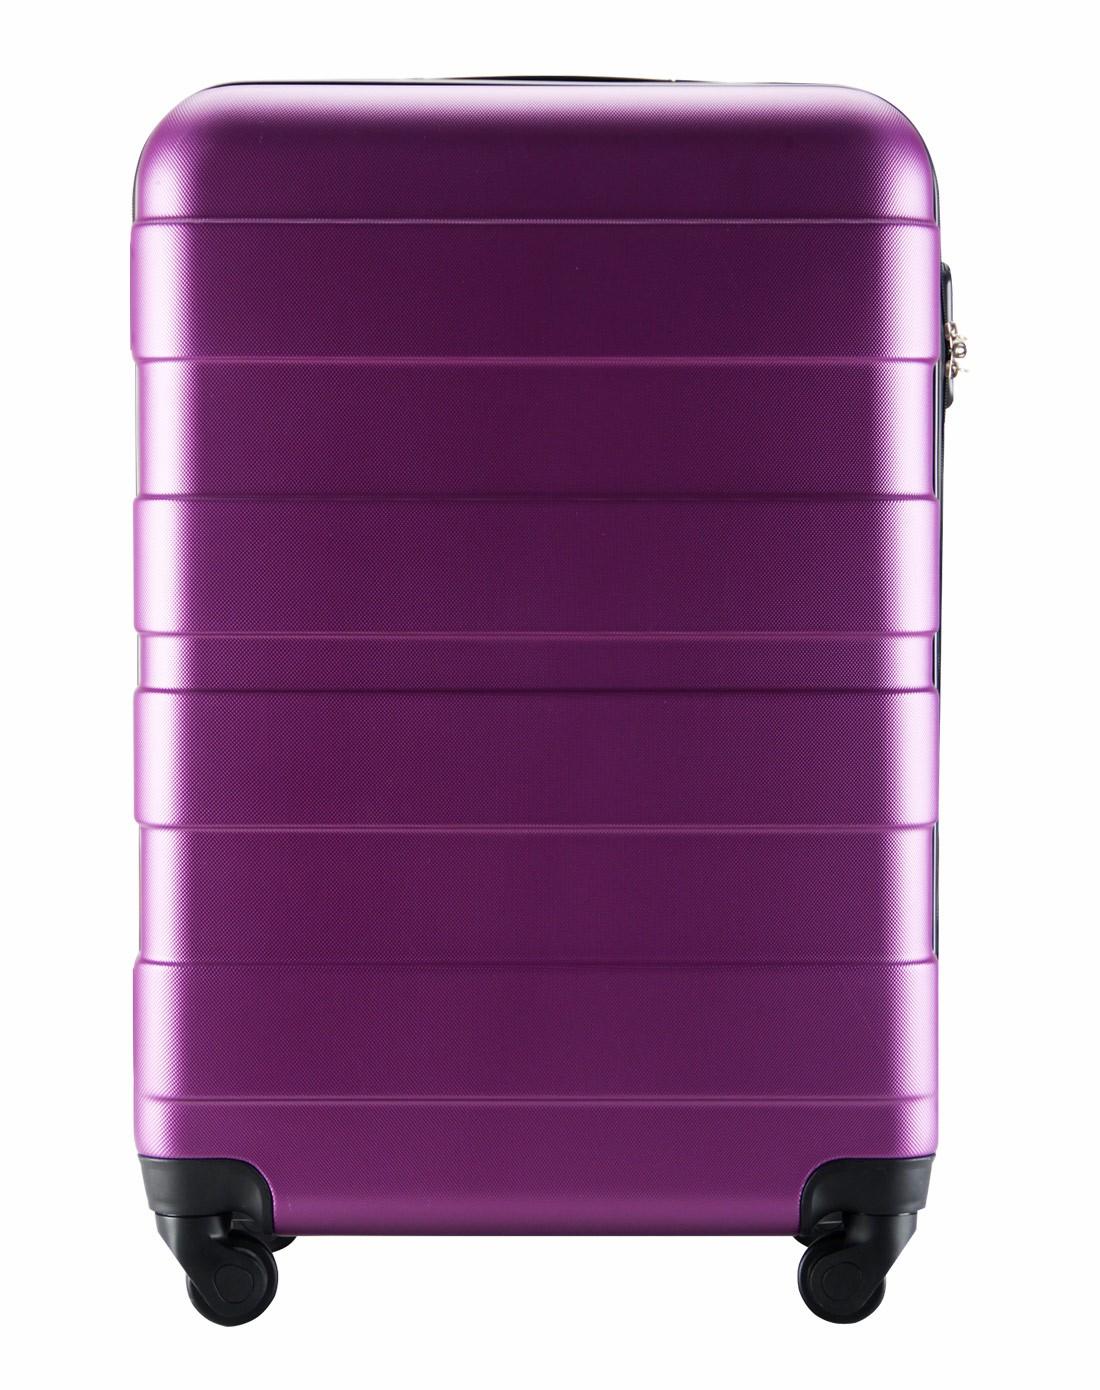 y6拉杆箱专场abs款防刮行李箱20寸紫色y4105-20紫色